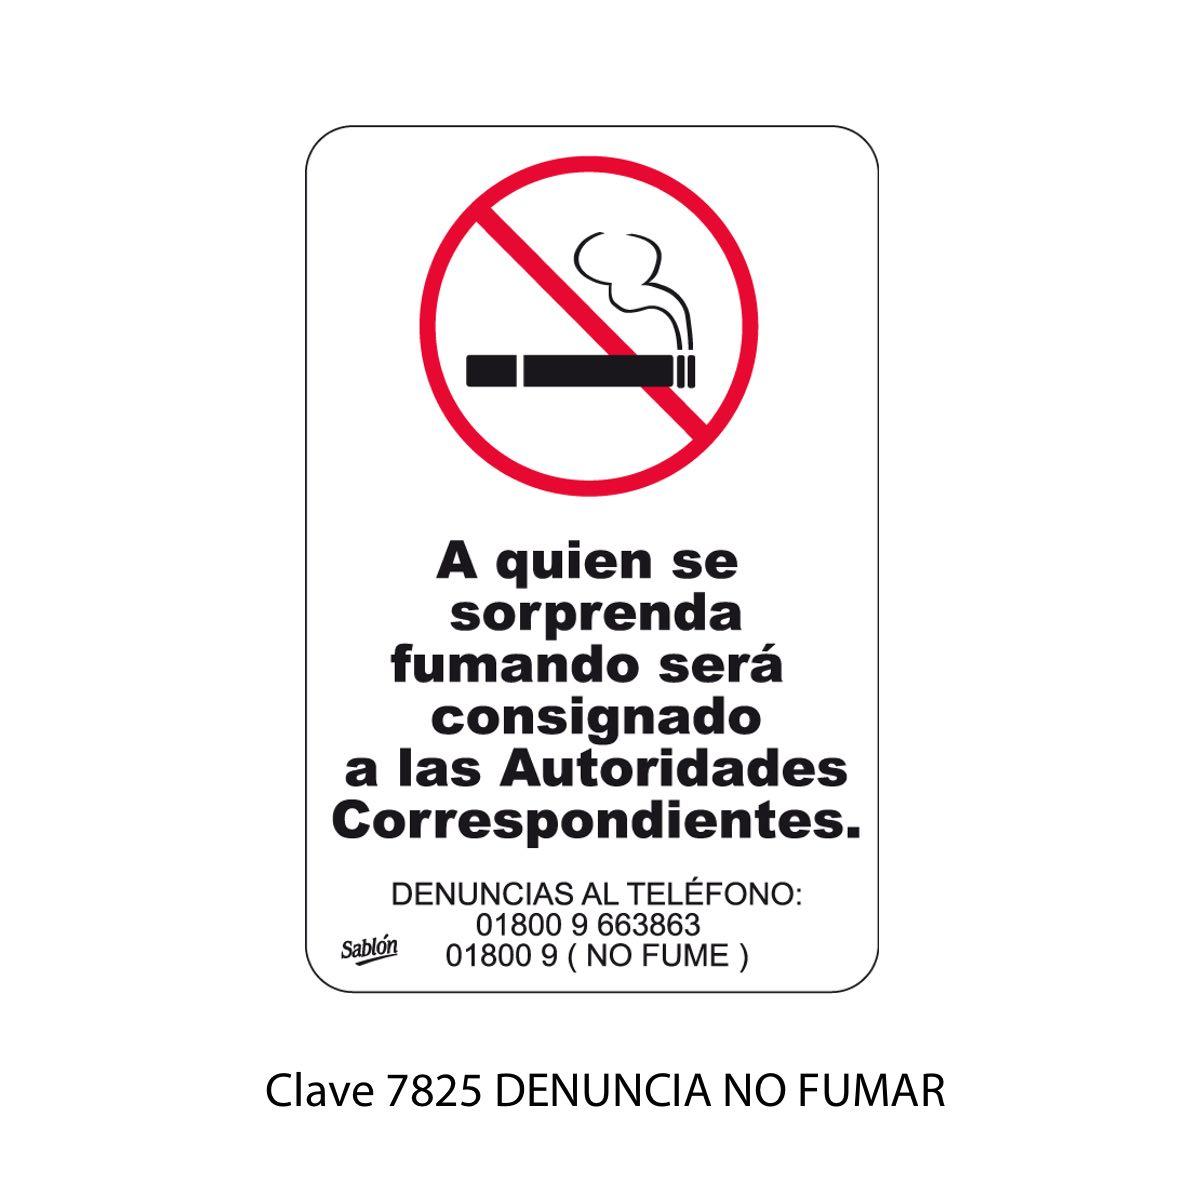 Señal Denuncia No Fumar Modelo 7825 - Sablón